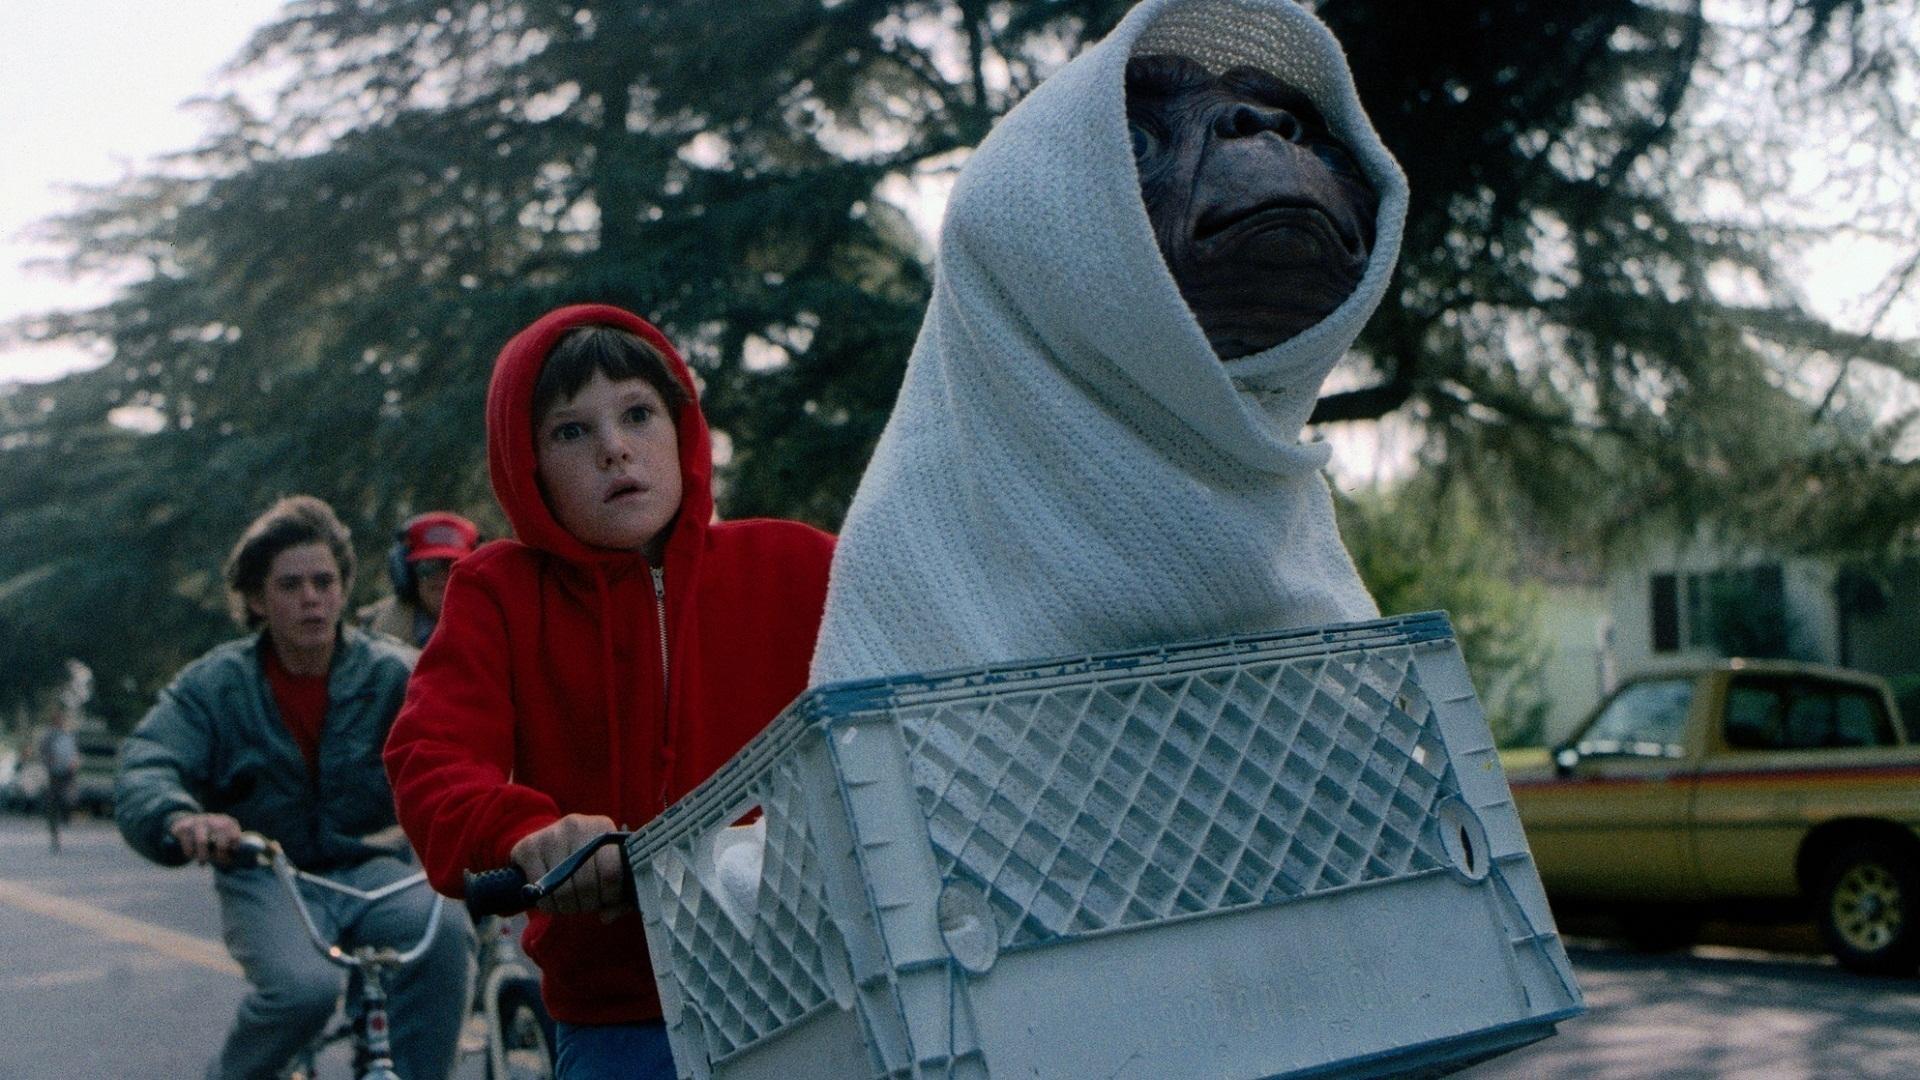 ET riding bike film still